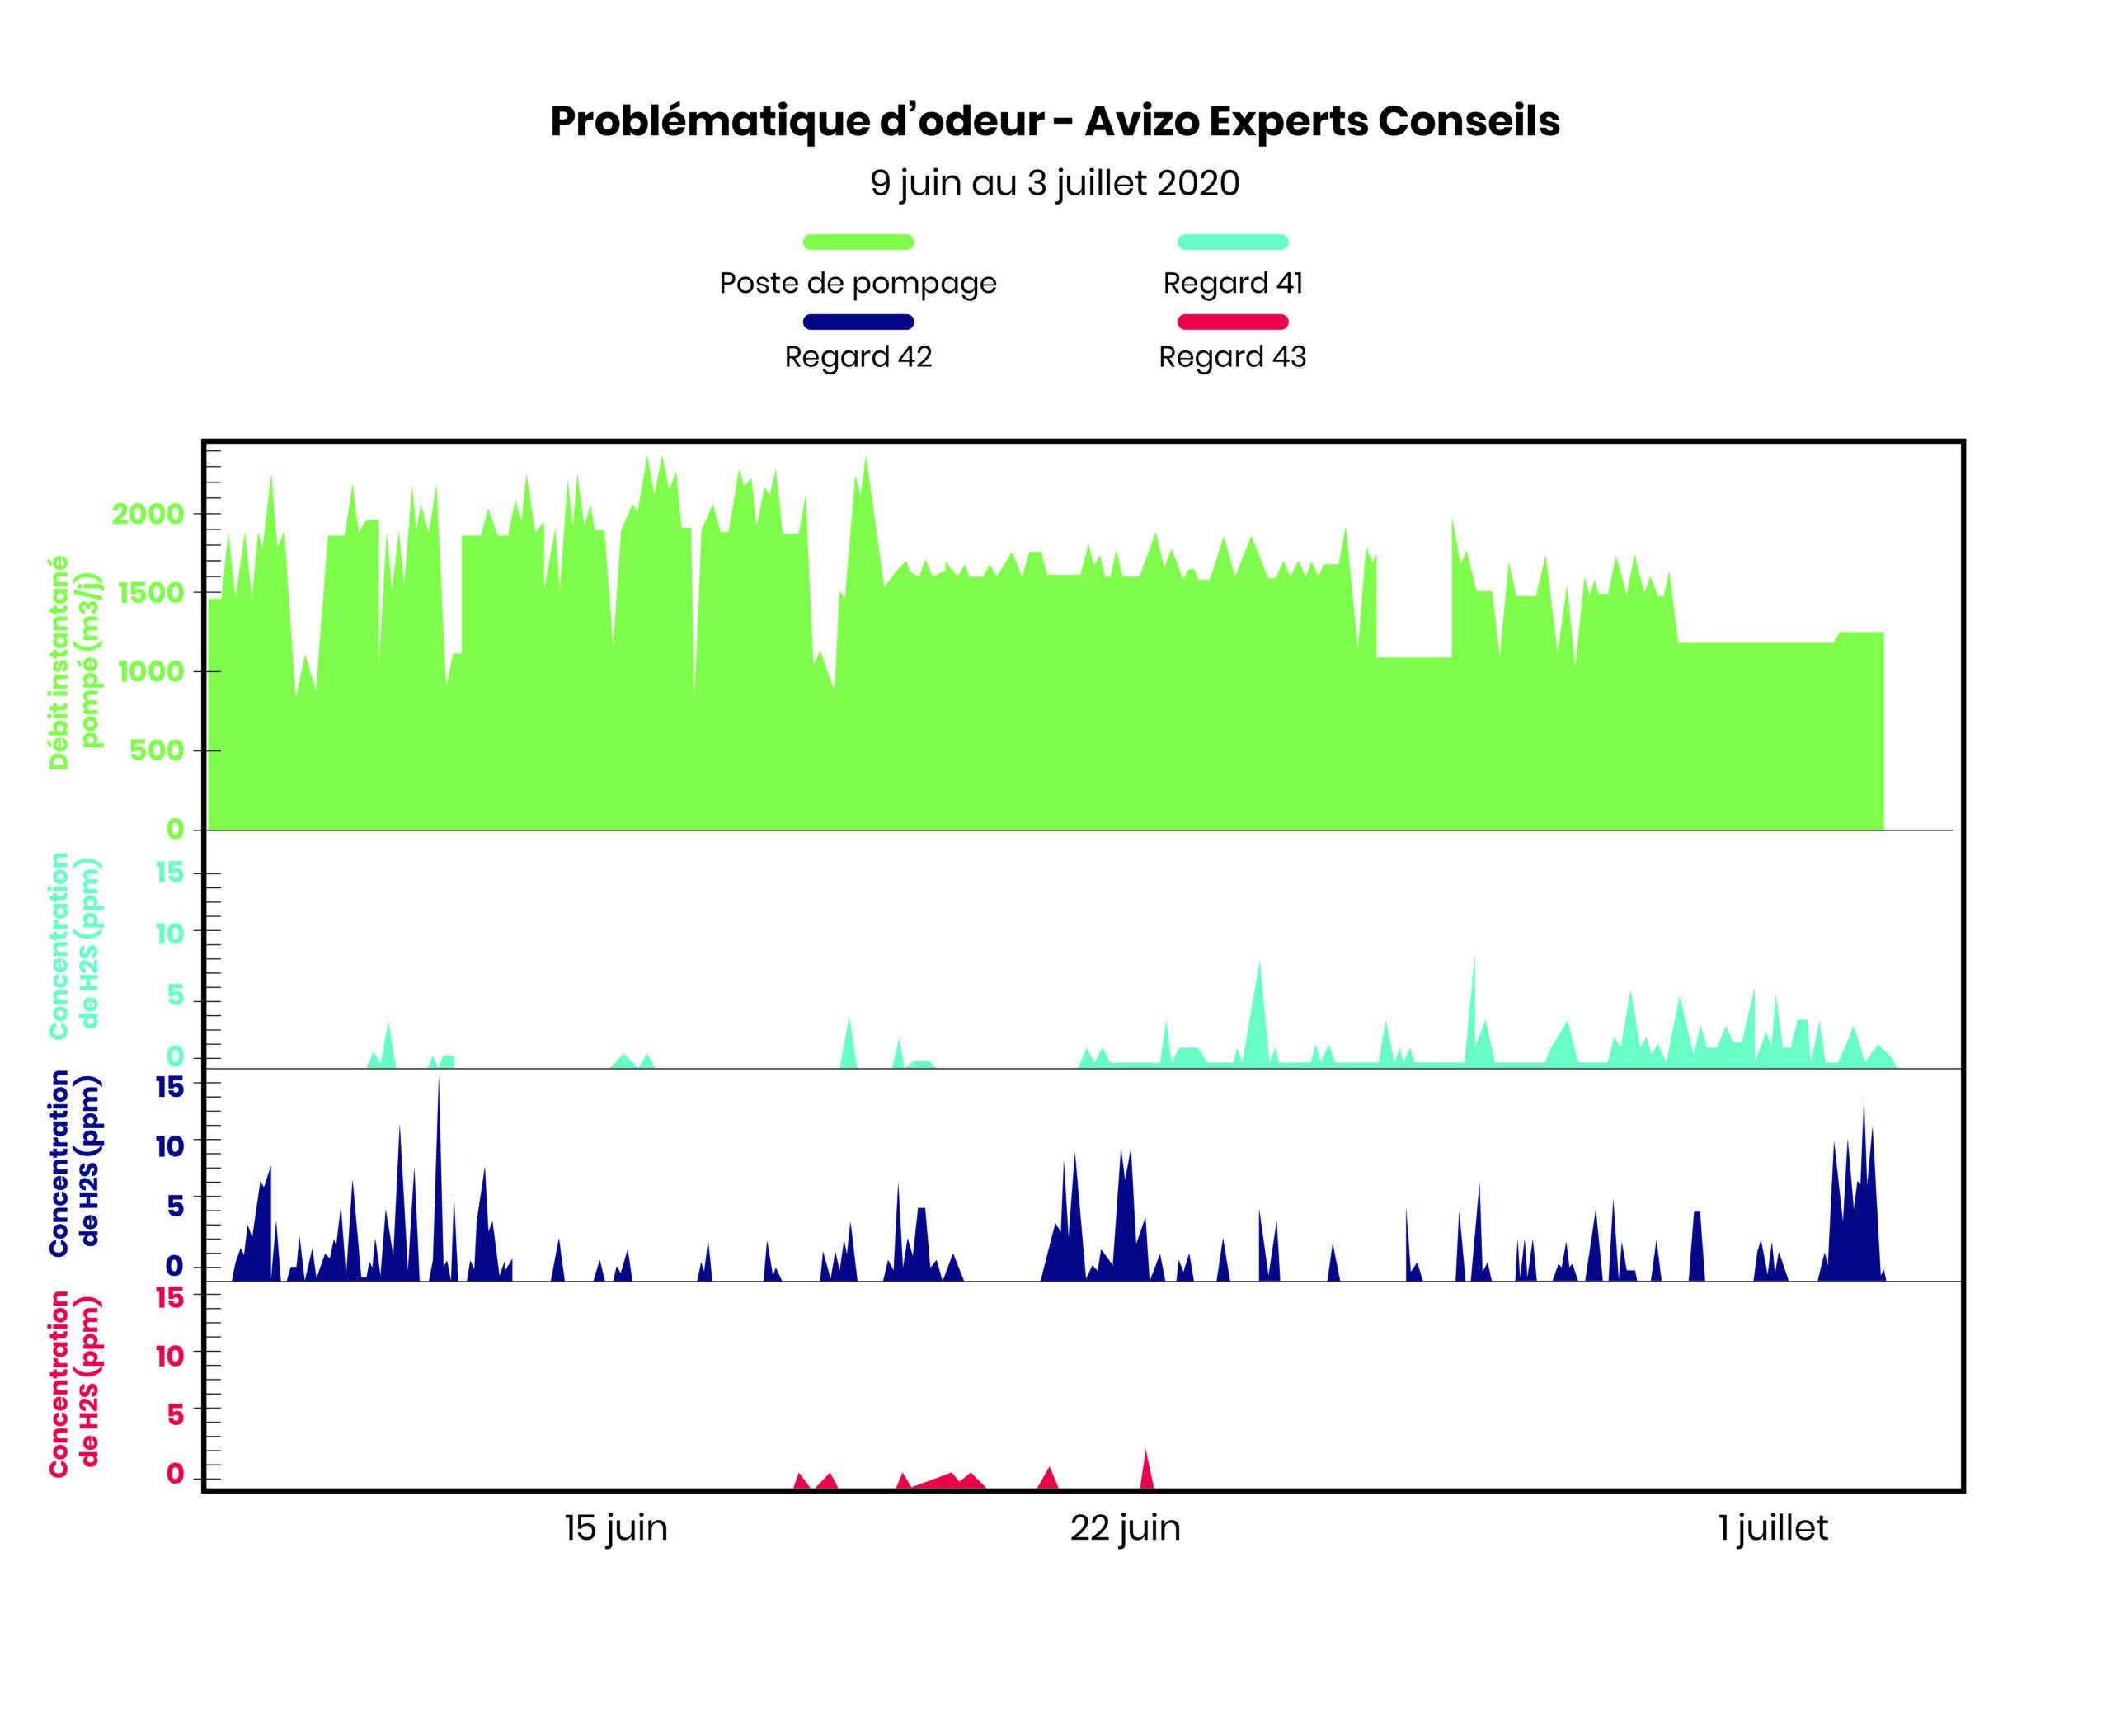 Graphe des mesures de débit au poste de pompage et d'émanations sulfureuses